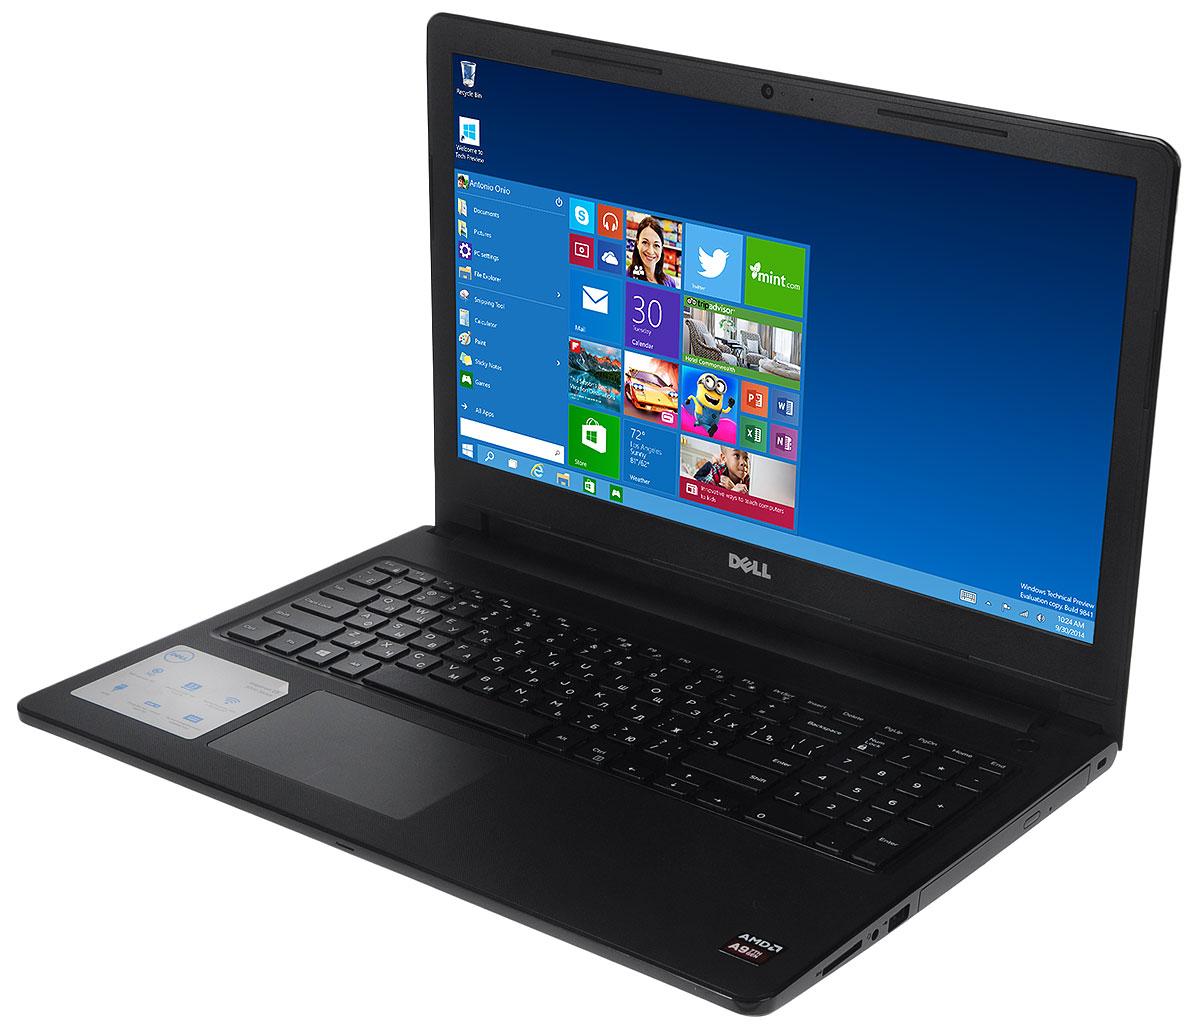 Dell Inspiron 3, Black (3-7720)3-7720Ноутбук Dell Inspiron 3 невероятно портативен, поэтому вы можете эффективно работать и оставаться на связи в любой точке мира. Его корпус отличается тонкой (всего 23,6 мм) и легкой конструкцией, а также удобно открывается. Благодаря процессору AMD A9-9400 и встроенной графической карте R5 вы получаете высокую производительность без задержки, что гарантирует плавное воспроизведение музыки и видео при фоновом выполнении других программ.Сделайте Dell Inspiron 3 своим узлом связи. Поддерживать связь с друзьями и родственниками никогда не было так просто благодаря надежному WiFi-соединению и Bluetooth 4.0, встроенной HD веб-камере высокой четкости и 15,6-дюймовому экрану, позволяющему почувствовать себя лицом к лицу с близкими.Абсолютное удобство просмотра на дисплее с разрешением HD. Наслаждайтесь превосходным изображением на большом экране с диагональю 15 дюймов, который идеально подходит для проектов и потоковой передачи.Смотрите фильмы с DVD-дисков, записывайте компакт-диски или быстро загружайте системное программное обеспечение и приложения на свой компьютер с помощью внутреннего дисковода оптических дисков.Точные характеристики зависят от модели.Ноутбук сертифицирован EAC и имеет русифицированную клавиатуру и Руководство пользователя.